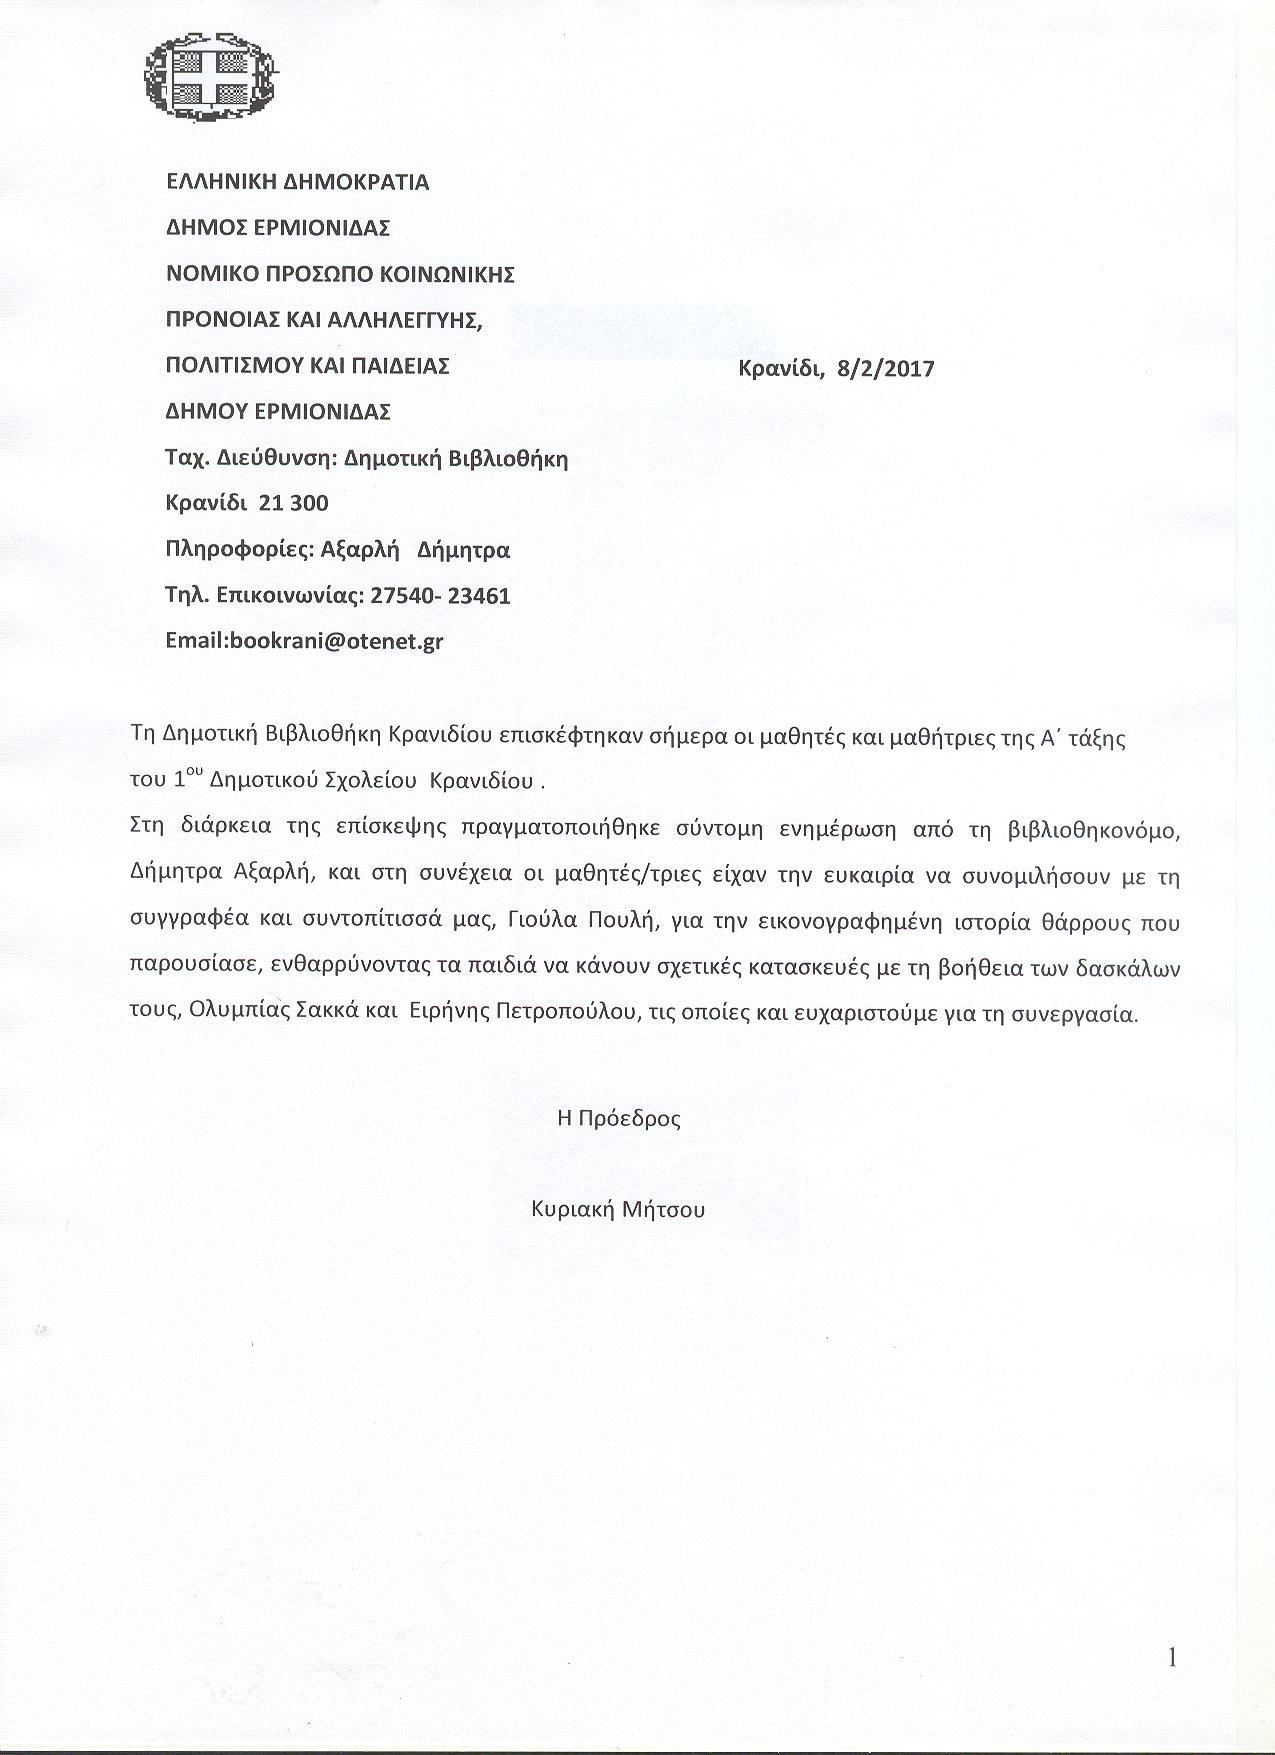 dtbibliothiki